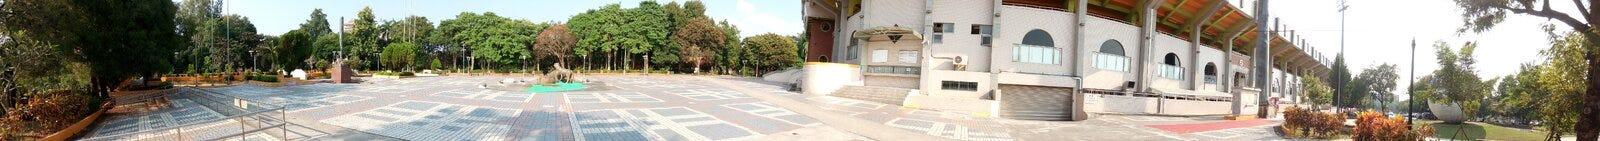 Panorama - plaza en dehors du stade de base-ball de ville de Chiayi photographie stock libre de droits